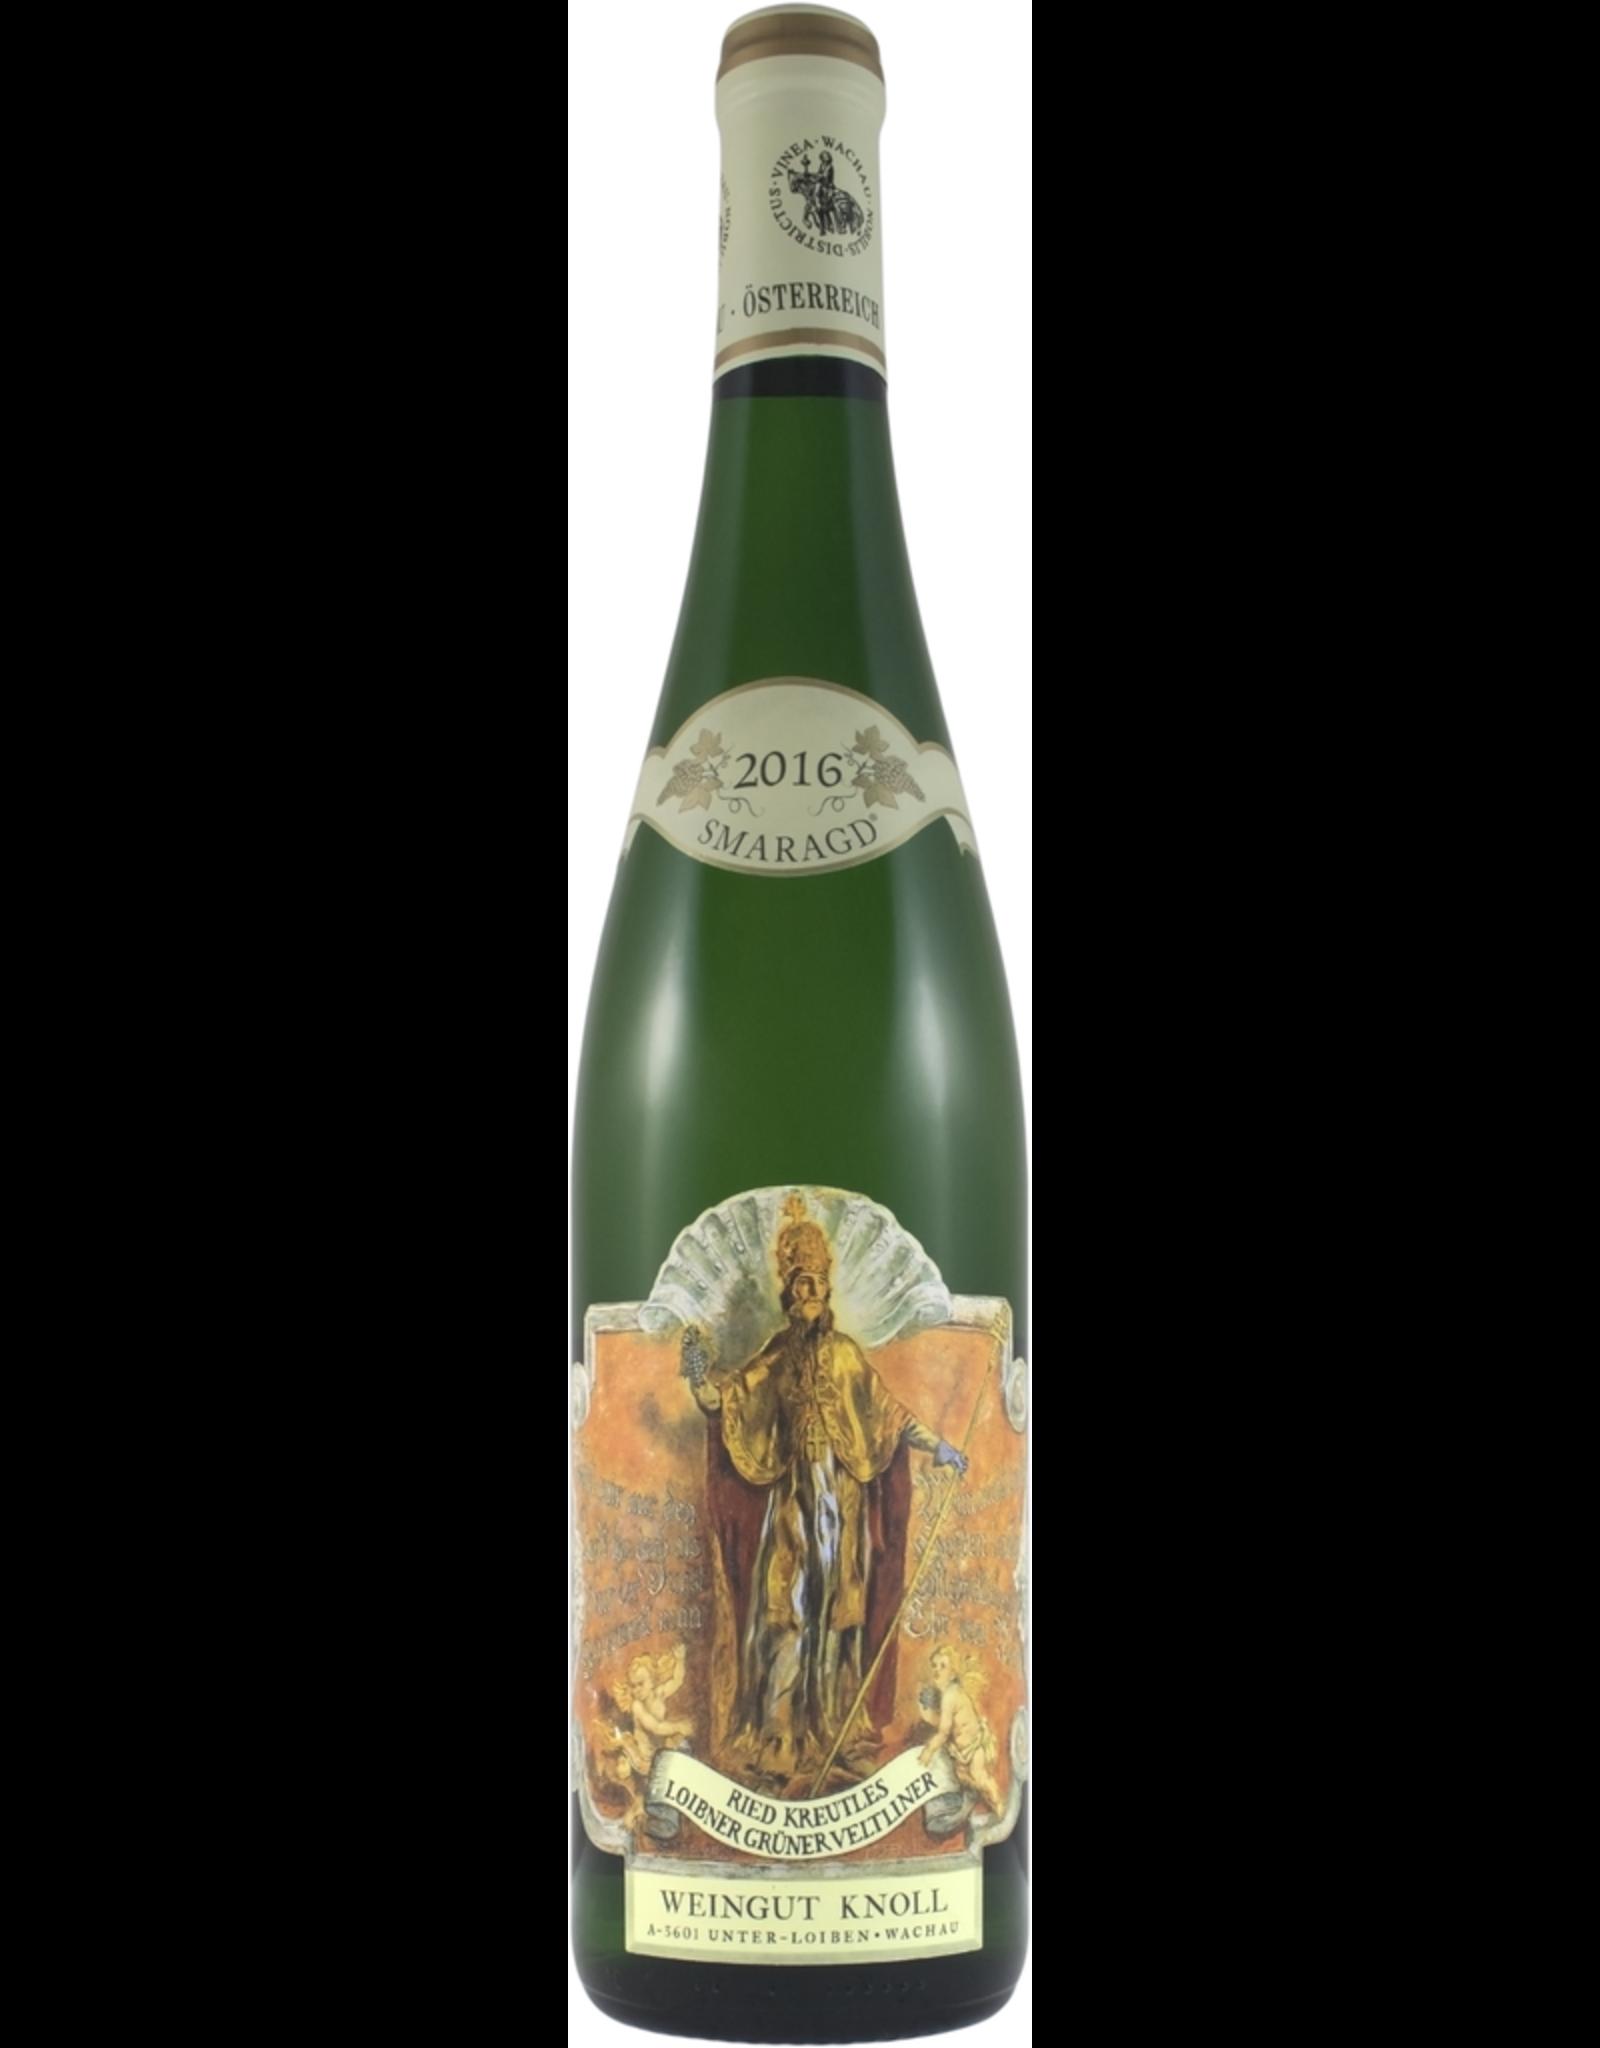 """White Wine 2016, Weingut Knoll """"Ried Kreutles"""", Loibner Gruner Veltliner, Wachau, Niederosterreich, Austria, 13% Alc, CT"""